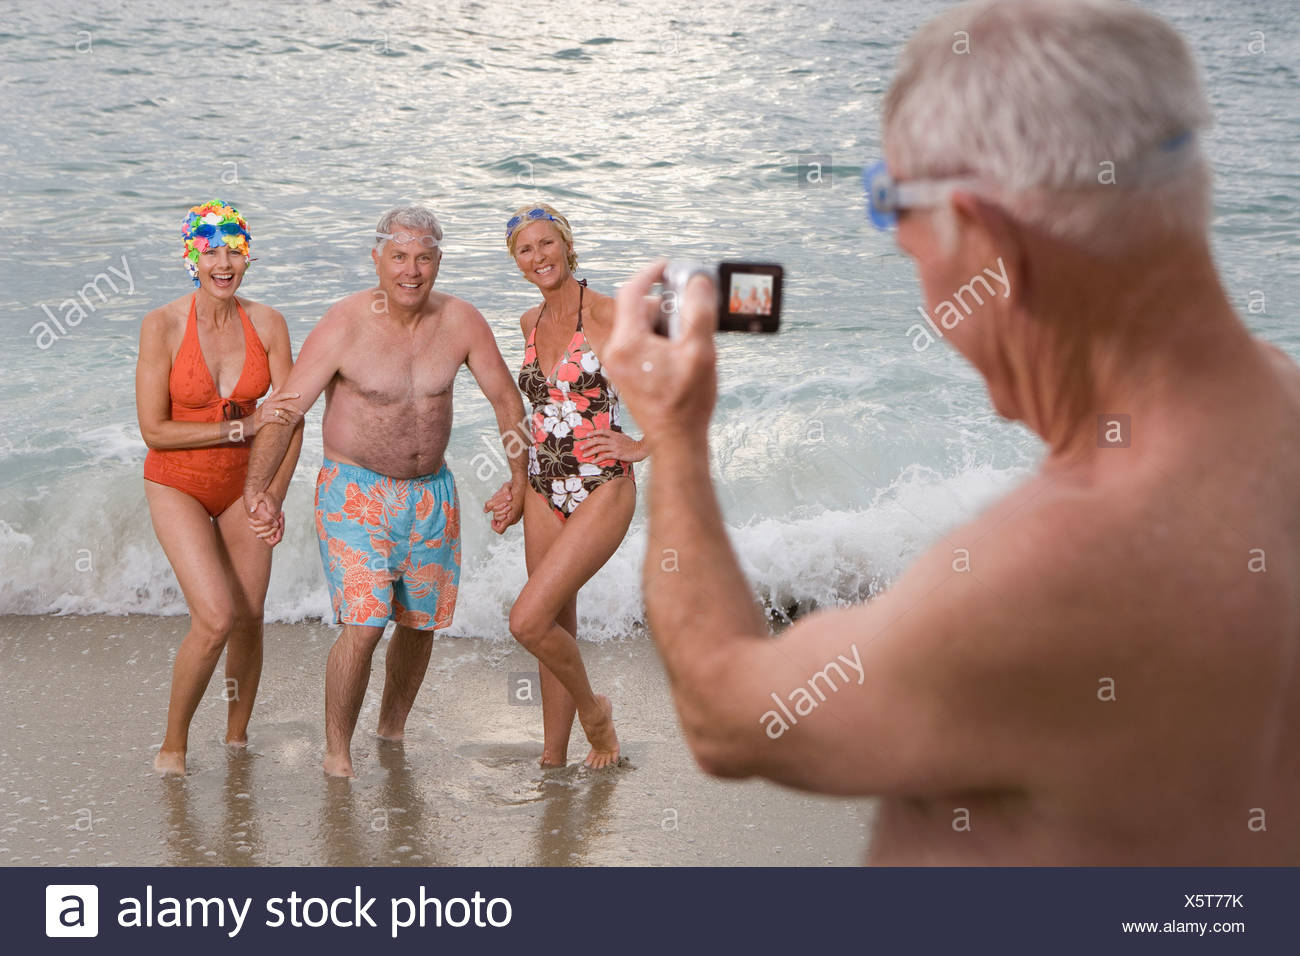 7a9d64e7d2bd L'uomo anziano riprese da piccoli gruppi di persone in costume da bagno  sulla spiaggia